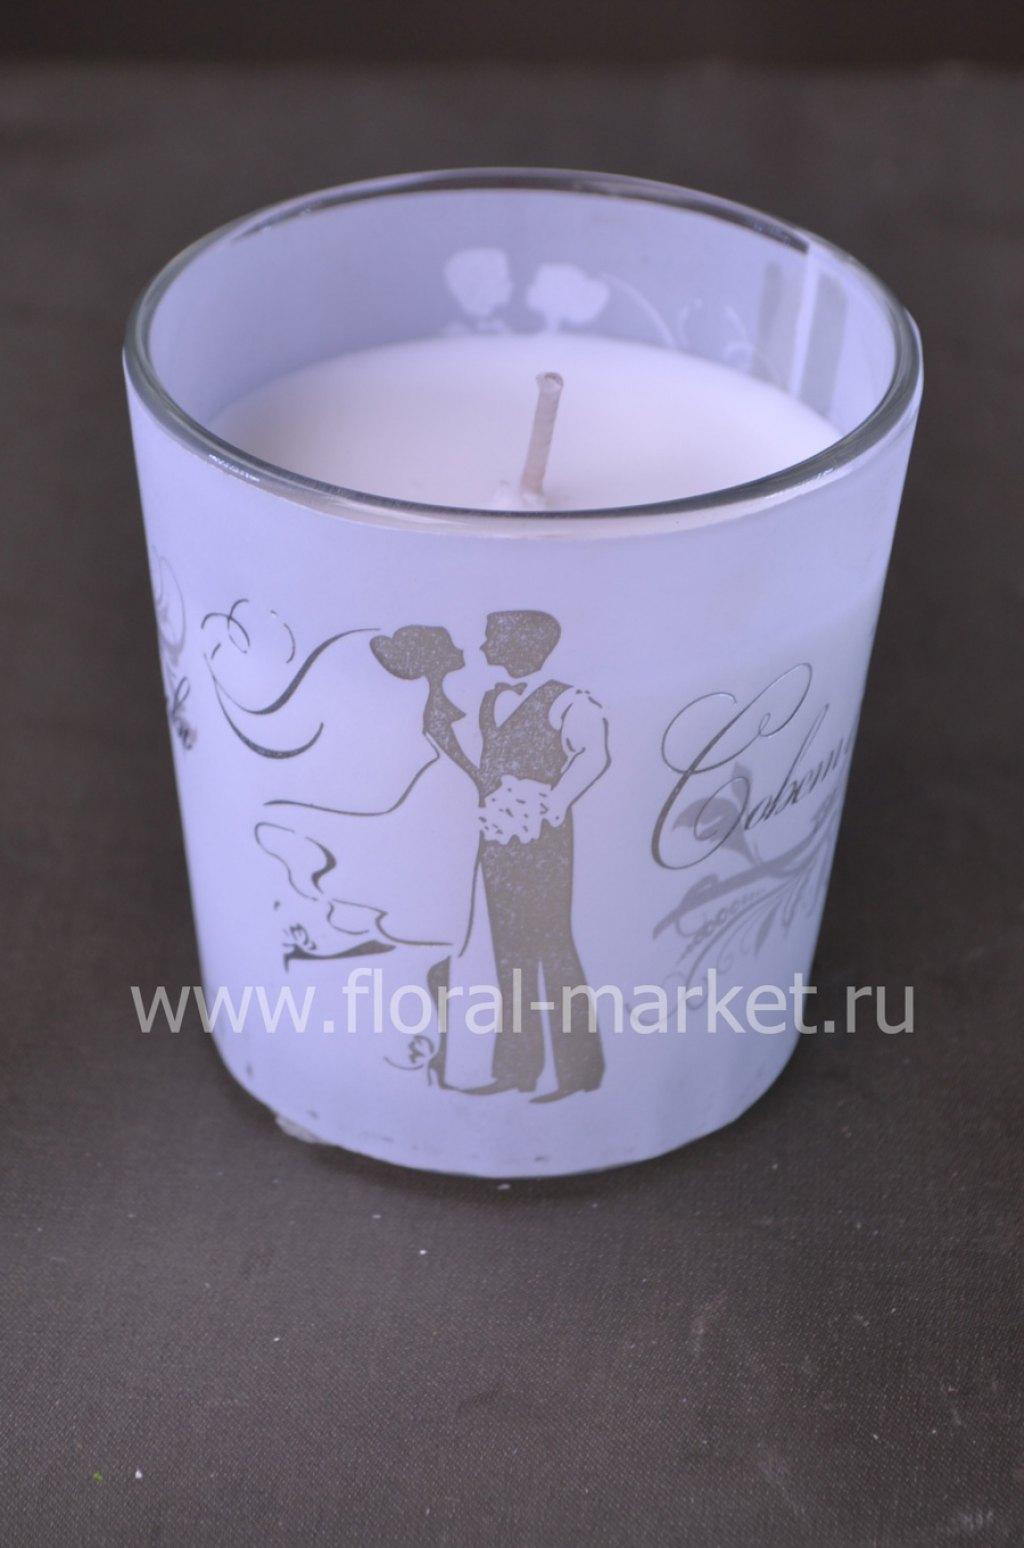 С7809 Свеча в стекле ароматизи молодожены Хамелеон